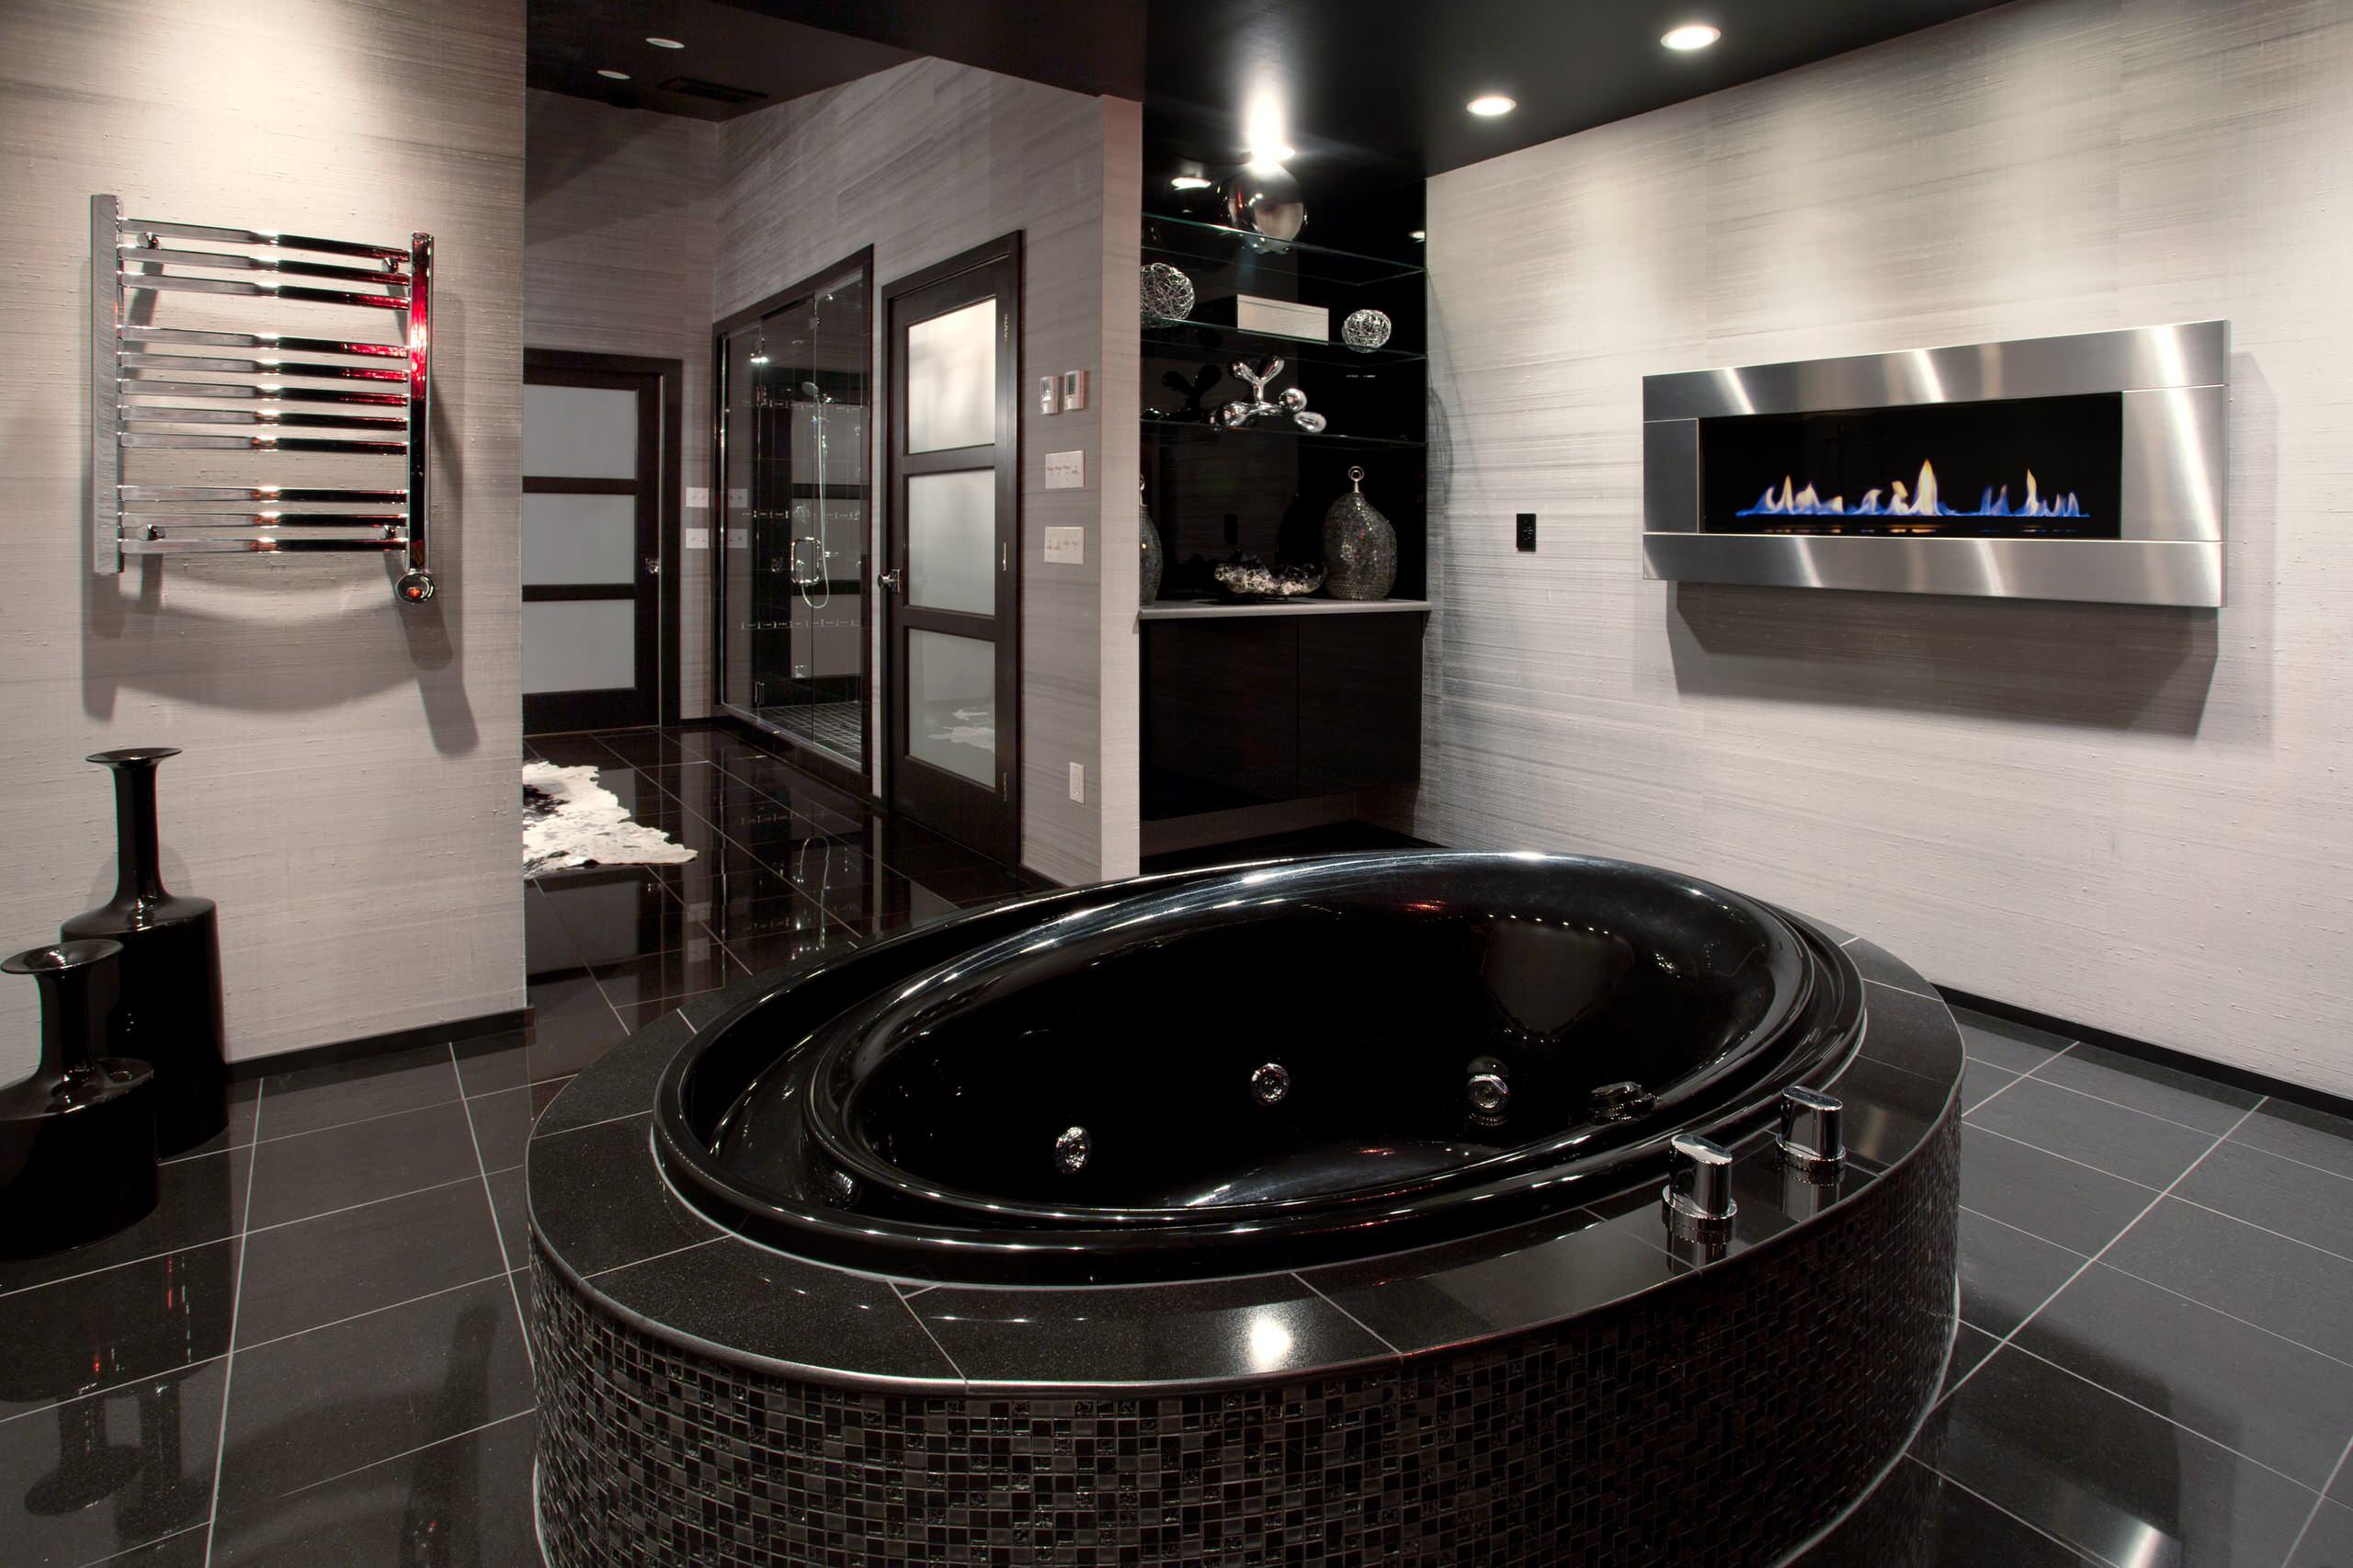 Черный пол, черная ванна, черный потолок в ванной комнате